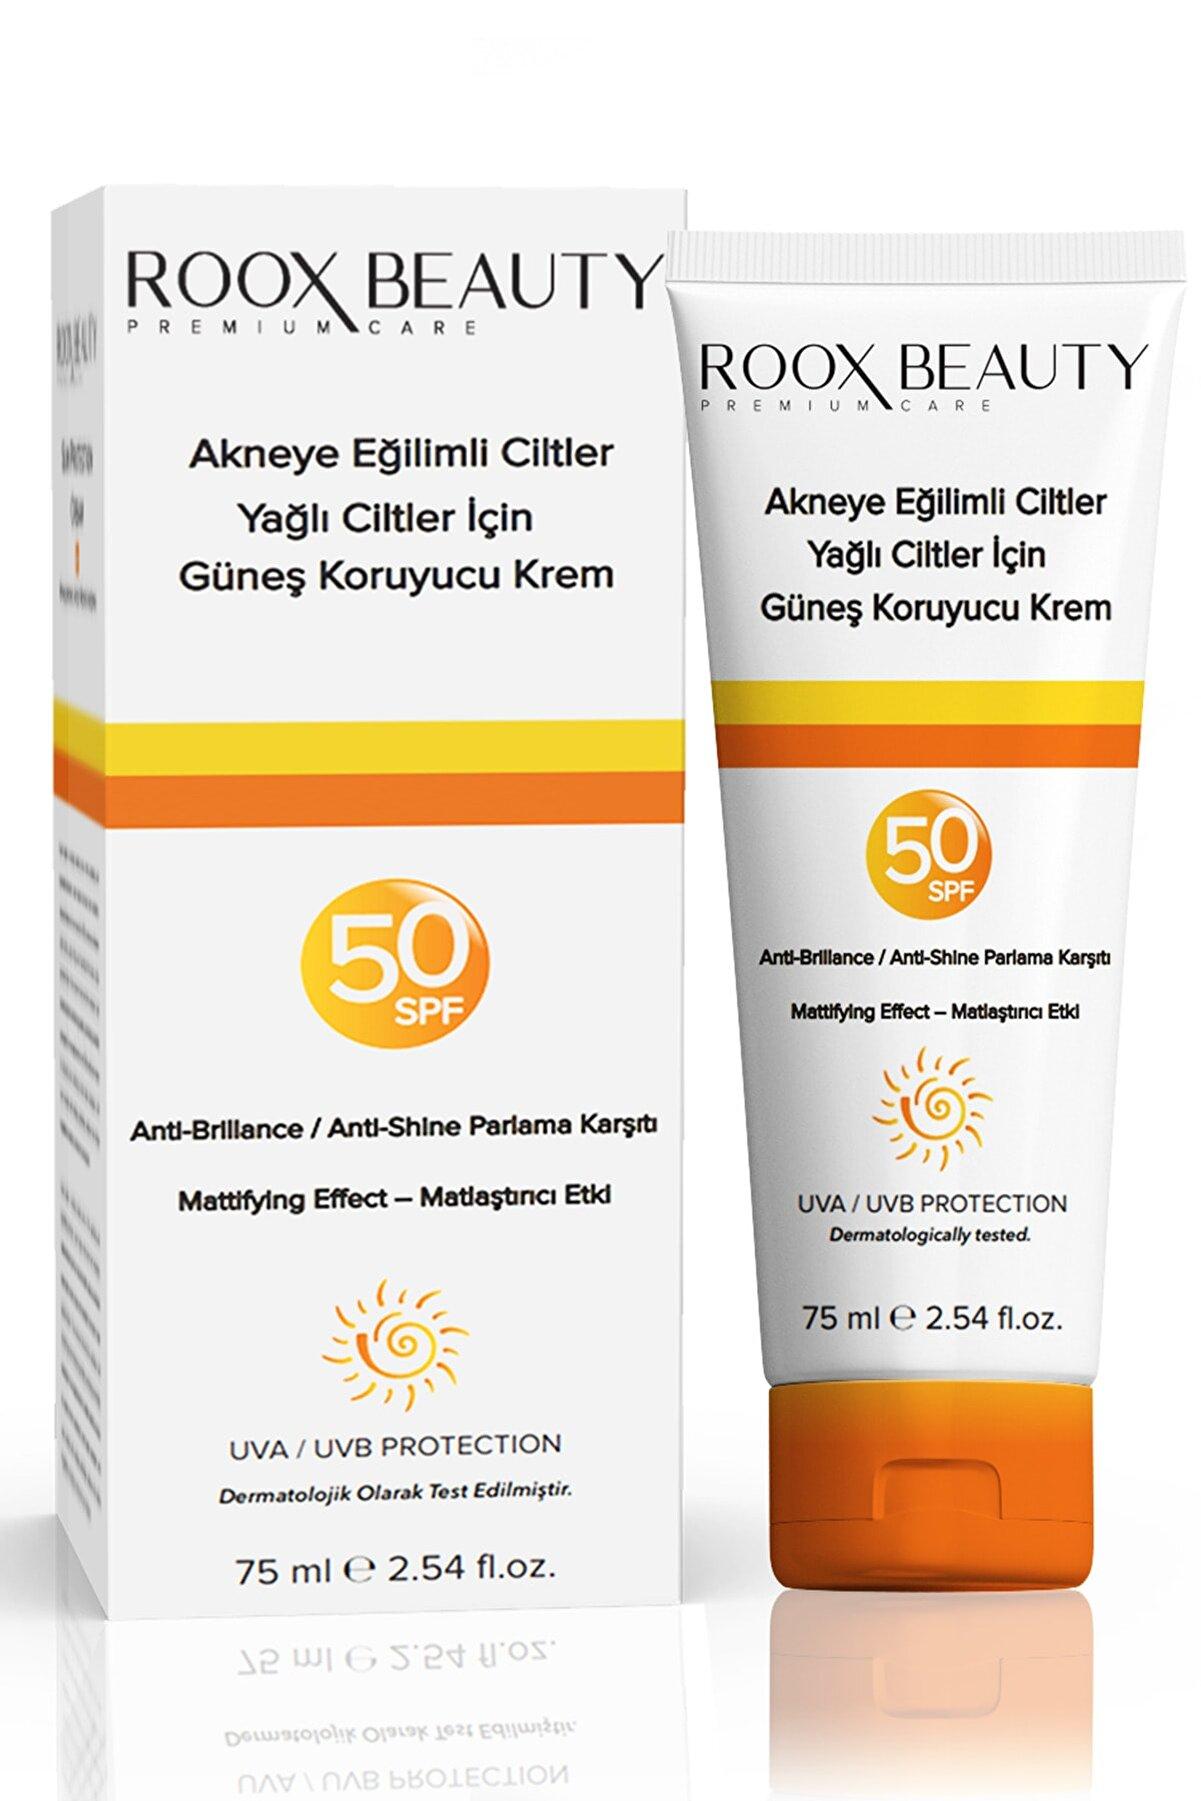 Roox Beauty Yağlı Ciltlere Özel Güneş Kremi - Leke & Parlama Karşıtı - Spf 50 Faktör Koruma 75 Ml